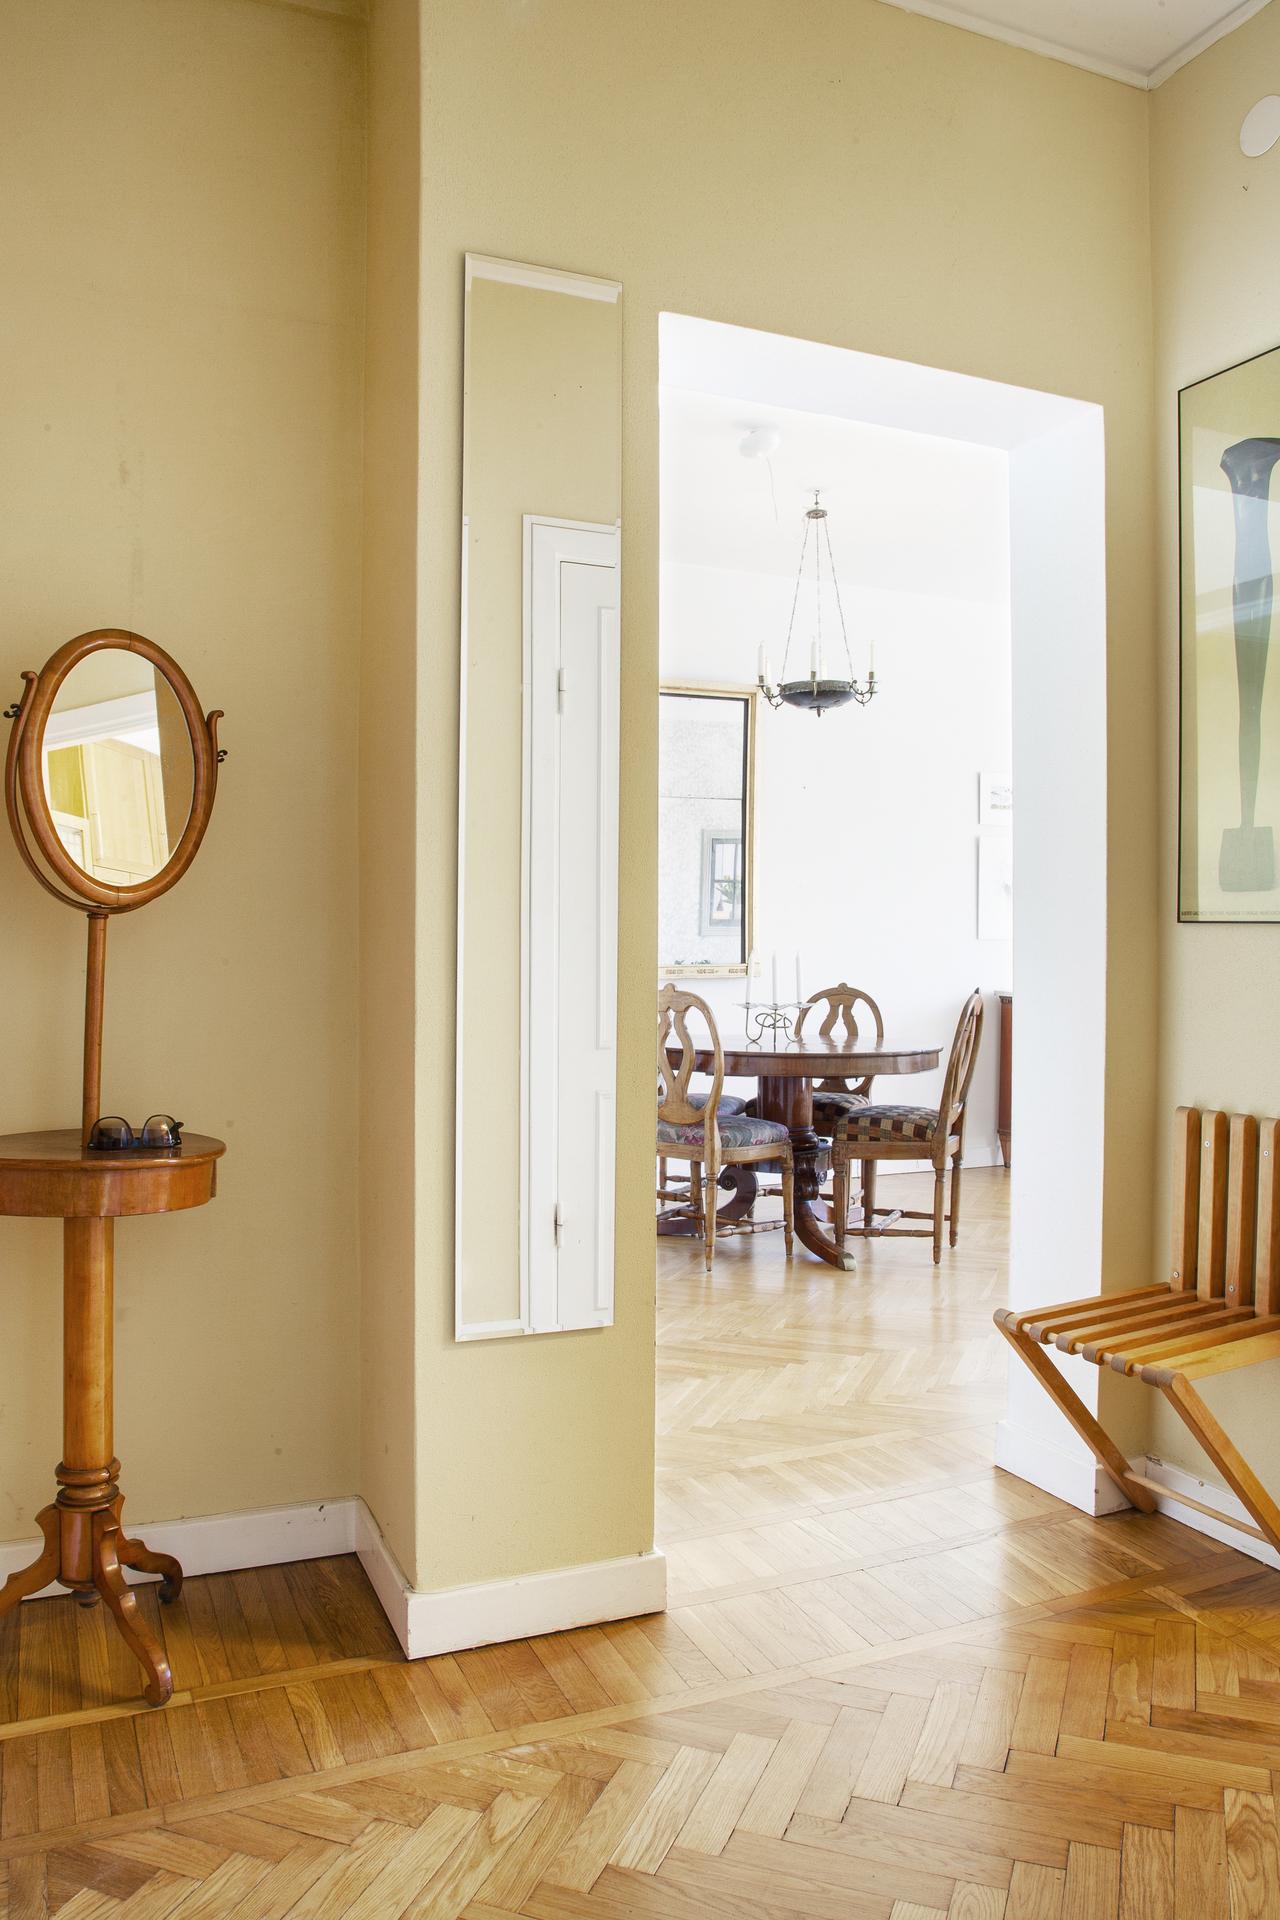 Hallen erbjuder två garderober och ett städskåp samt en vägghängd utfällbar stol